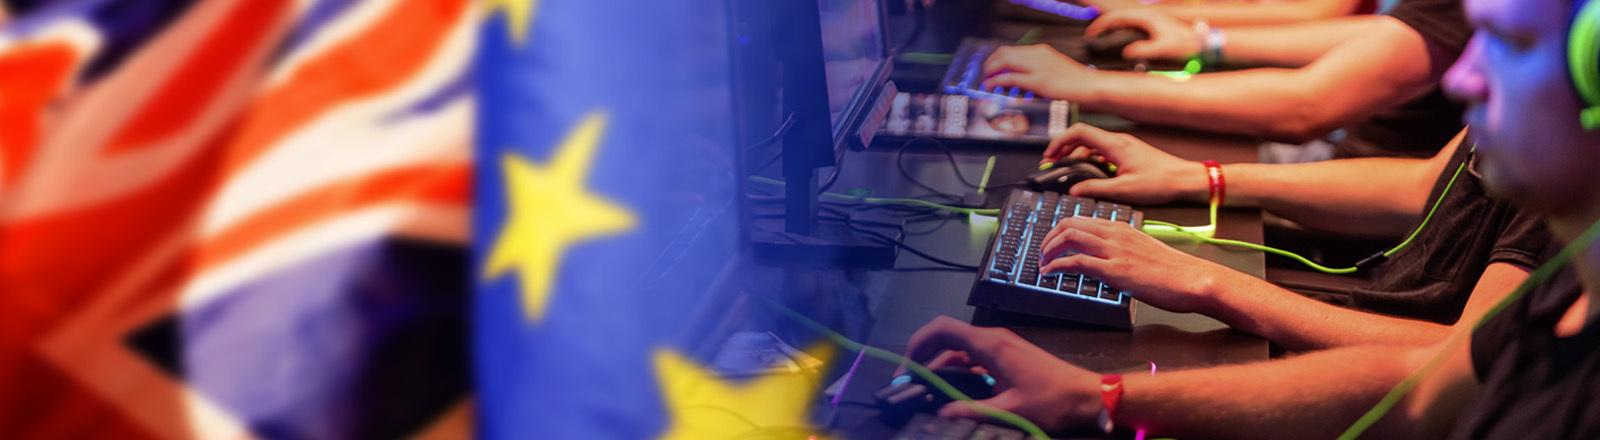 Collage aus Flaggen EU, GB und Gamern